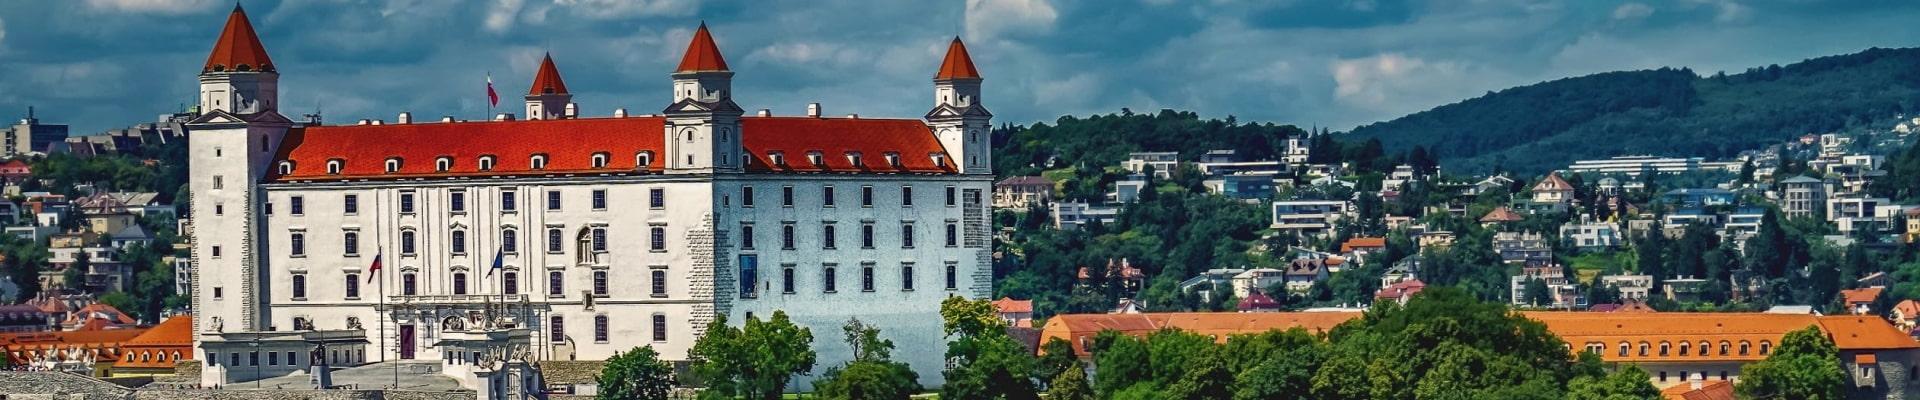 Словакия братиславский град